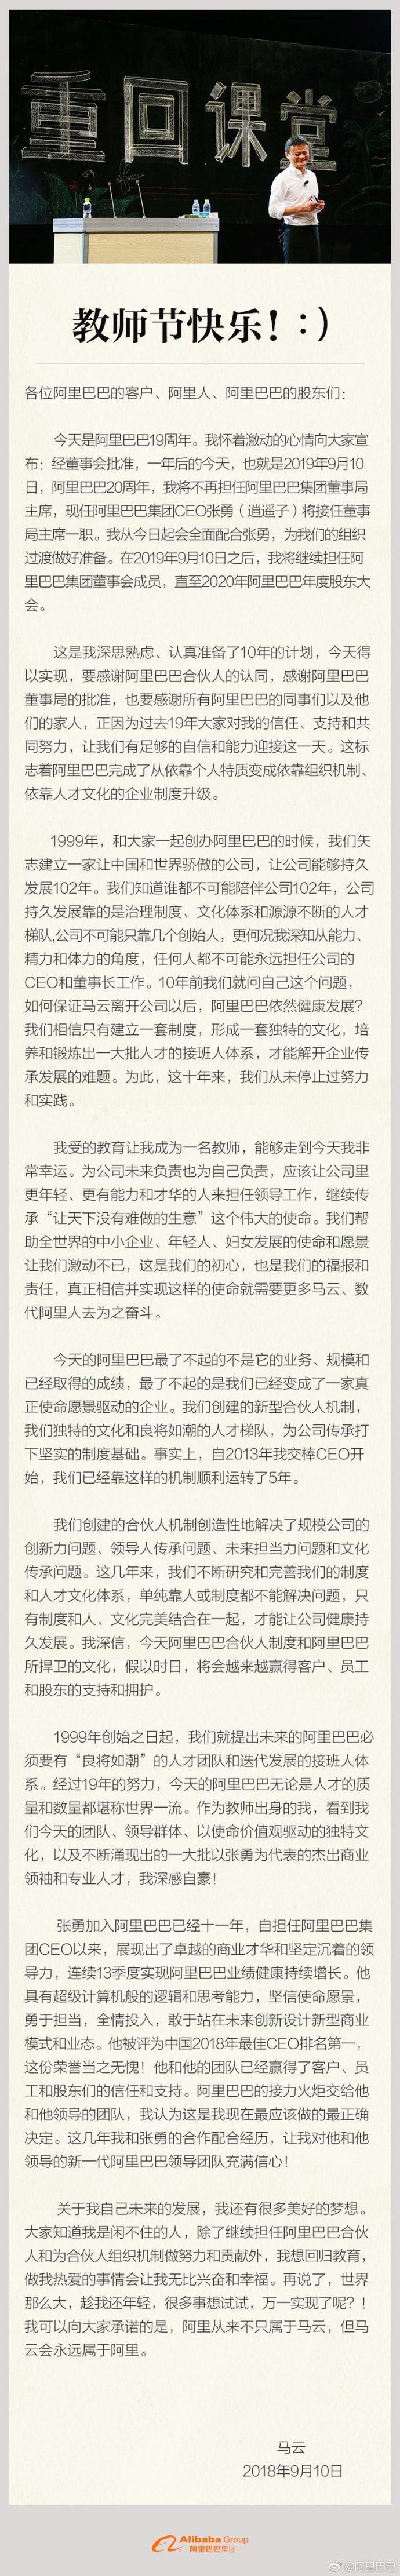 马云明年今日将不再担任董事局主席 CEO由张勇接任